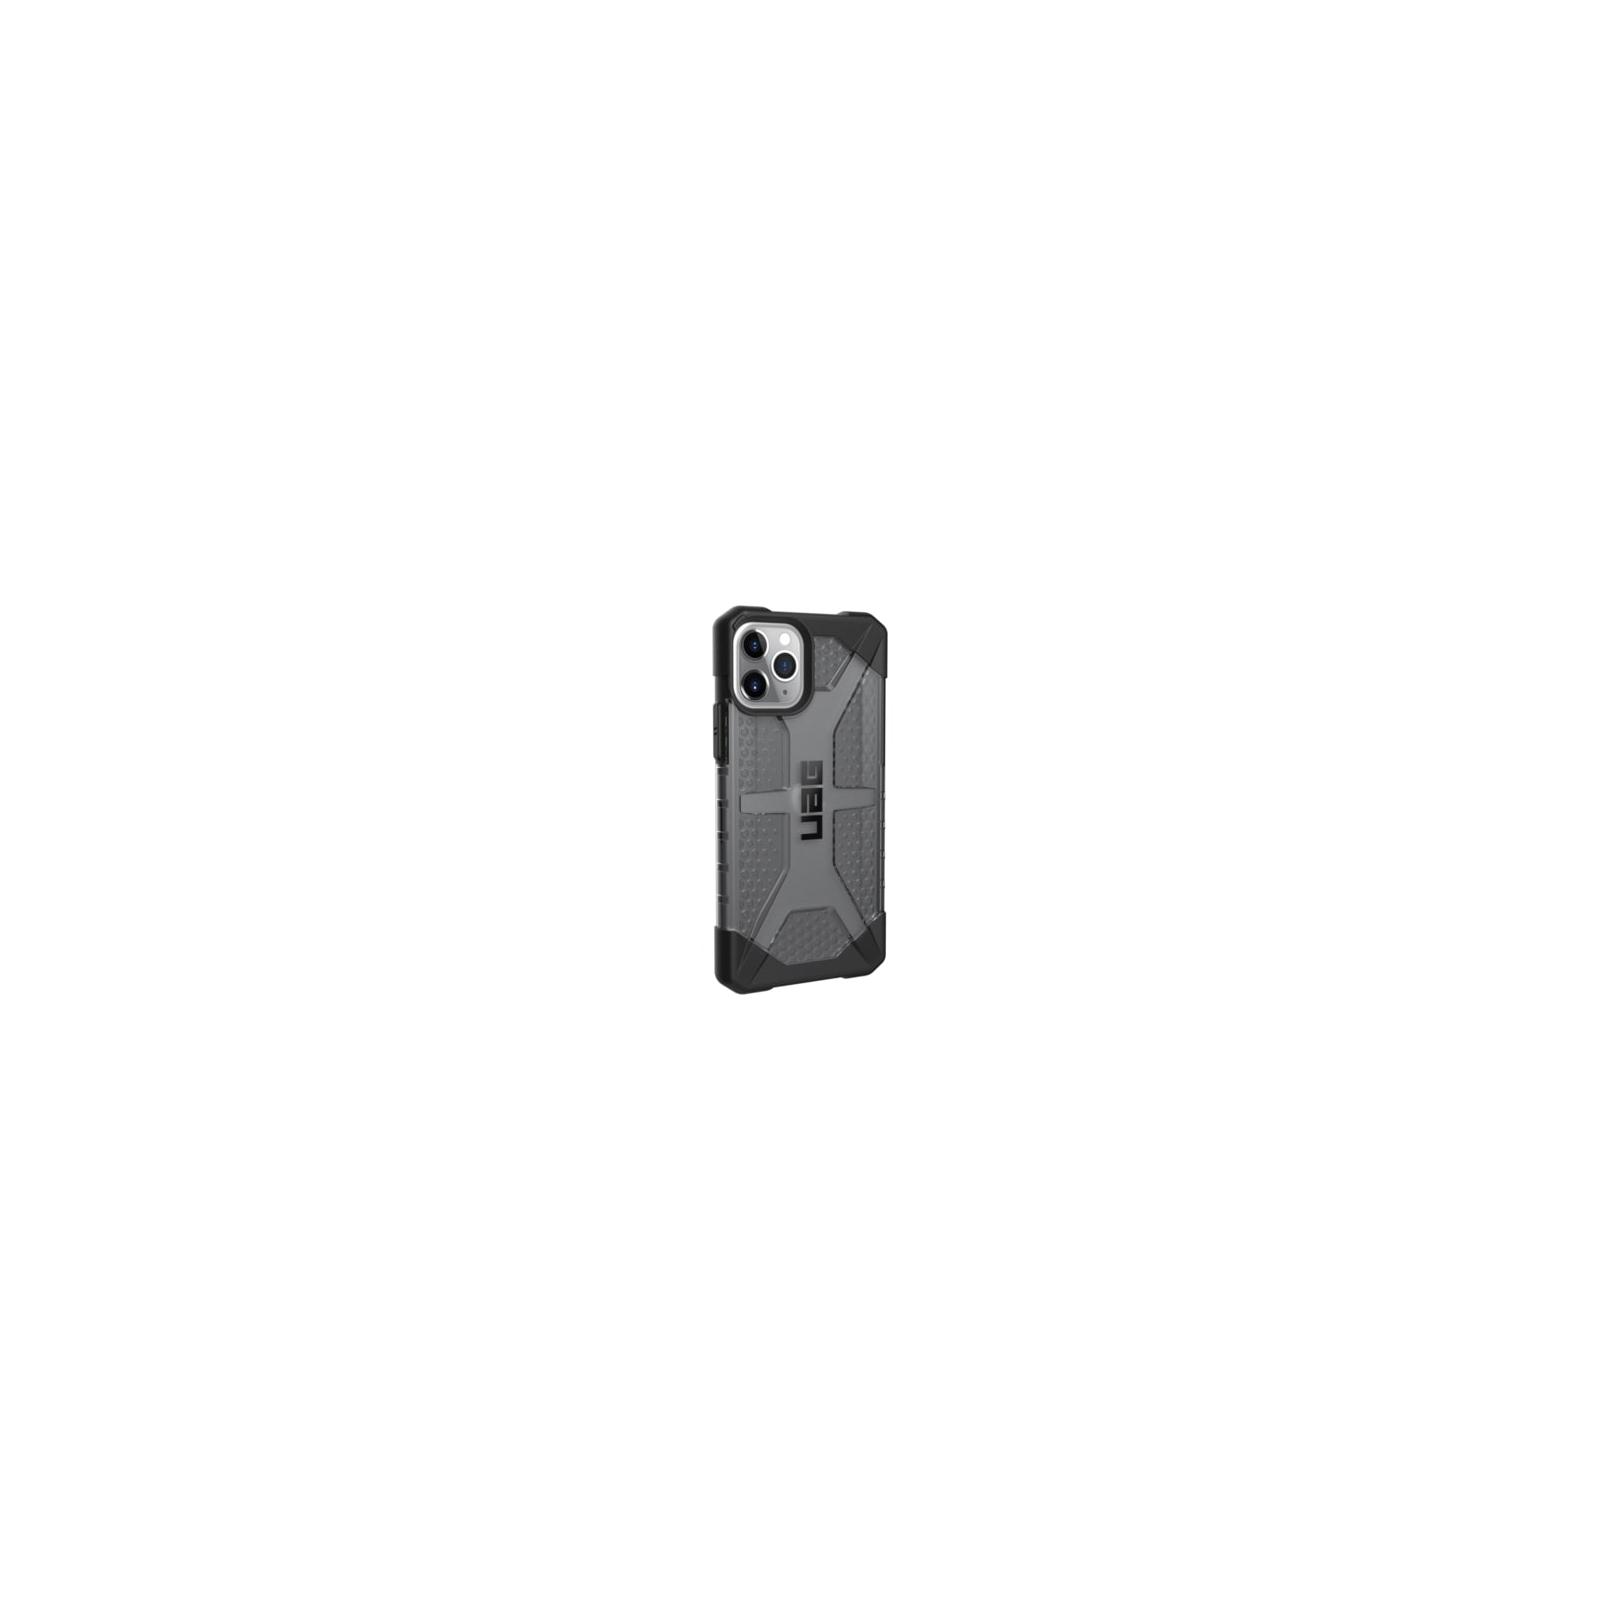 Чехол для моб. телефона Uag iPhone 11 Pro Plasma, Ash (111703113131) изображение 3